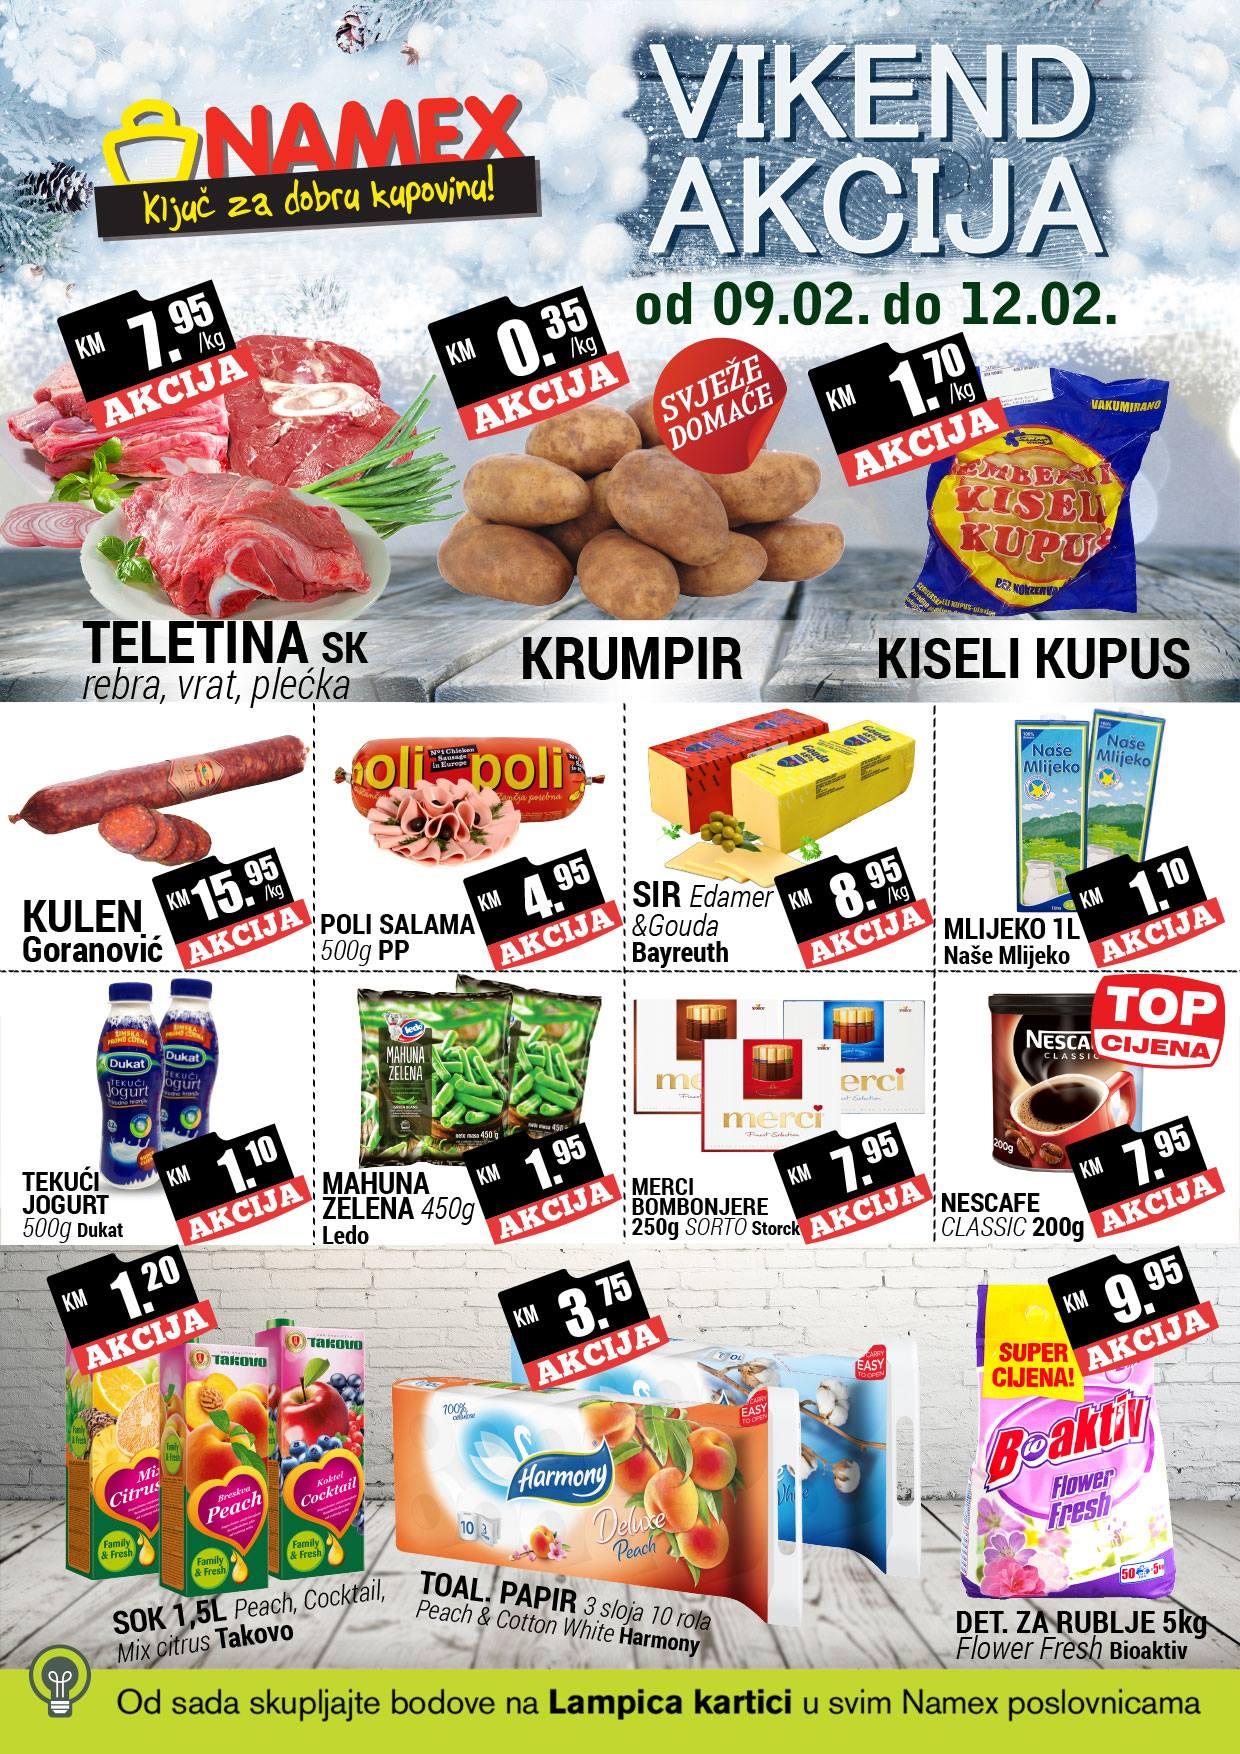 Ključ za dobru kupovinu! Nova vikend akcija od 09.- 12.02.2017. u Namex supermarketima!